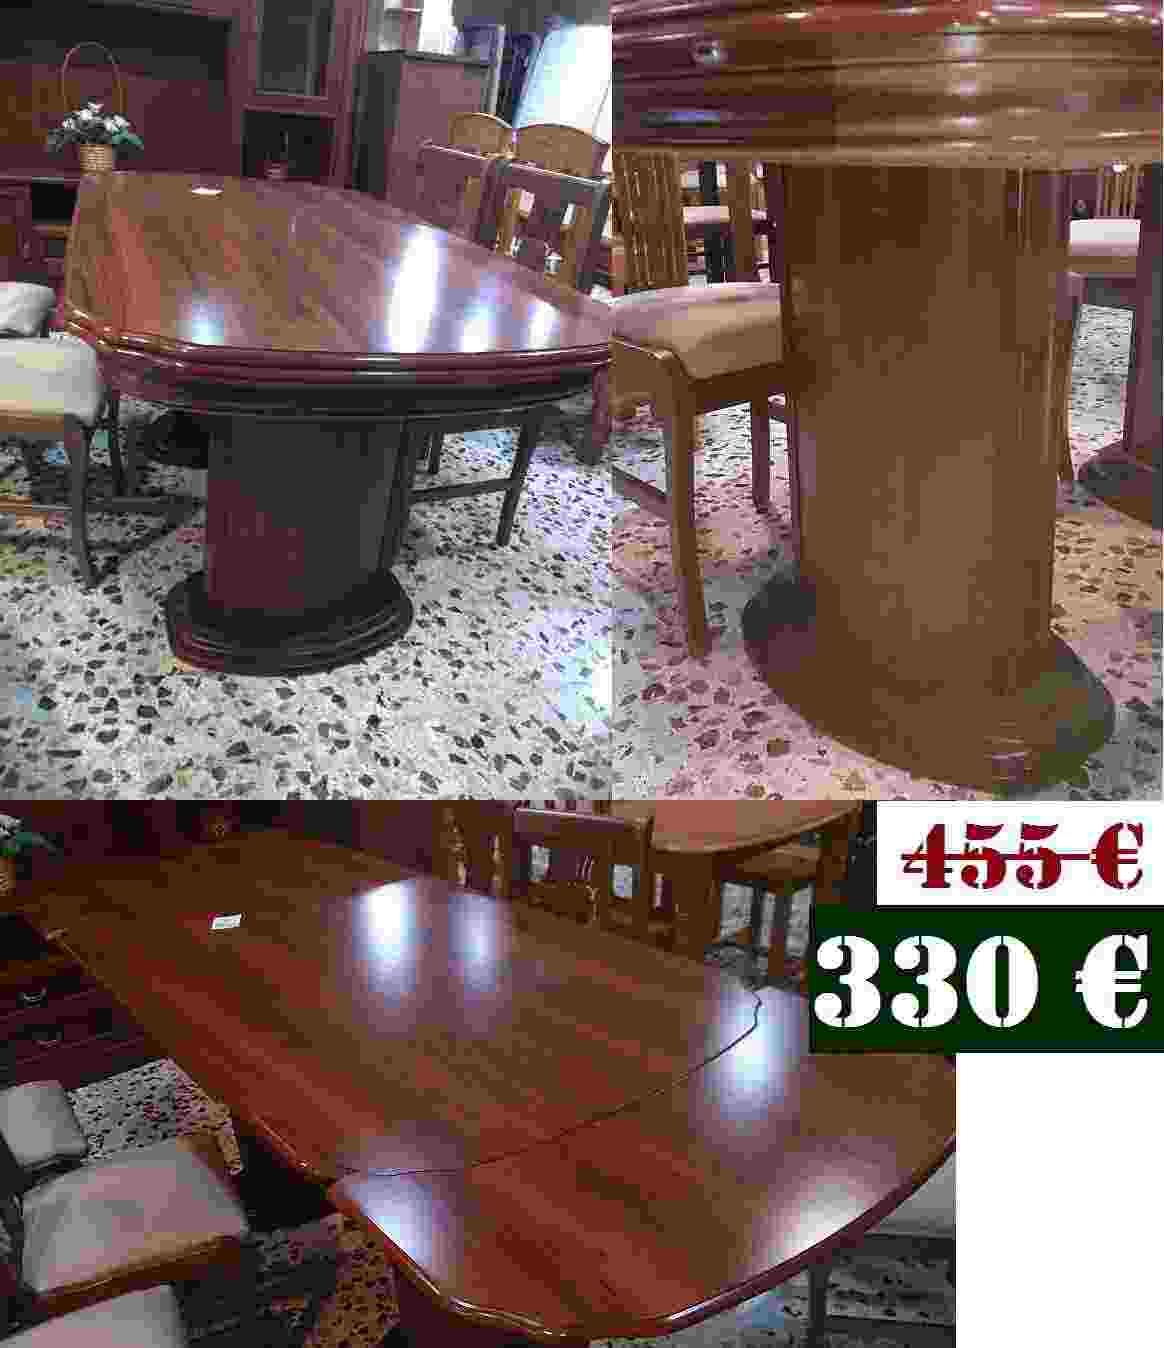 Recogida de muebles alicante interesting com anuncios de for Recogida de muebles gratis